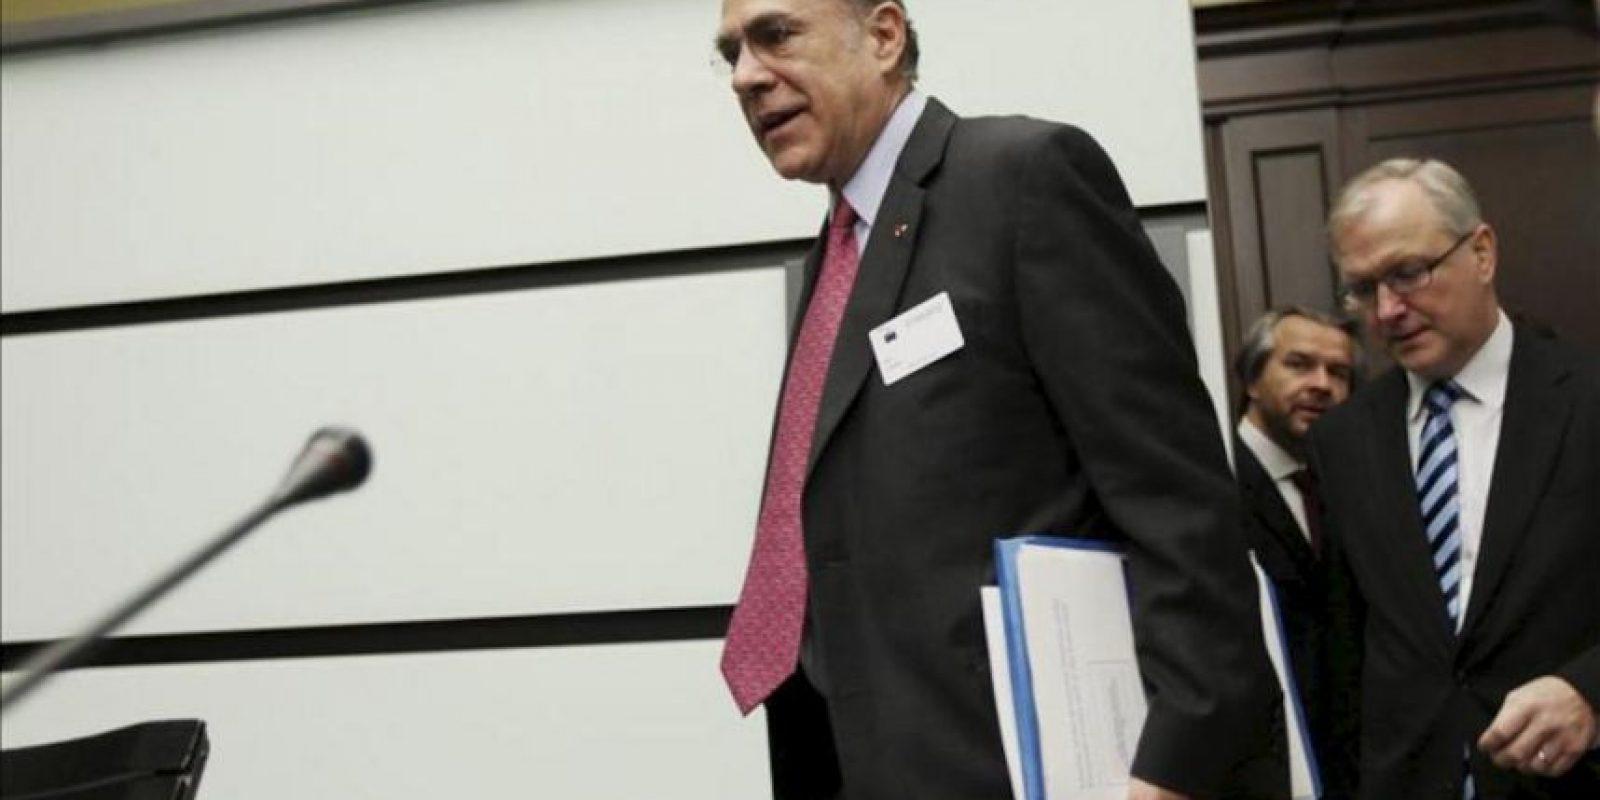 El secretario general de la Organización para la Cooperación y el Desarrollo Económico (OCDE), el mexicano Ángel Gurría (i), y el comisario europeo de Política Económica y Monetaria, el finlandés Olli Rehn, a su llegada a la rueda de prensa celebrada para presentar los informes de la organización sobre la situación de la zona euro y del conjunto de la Unión Europea, en Bruselas (Bégica). EFE